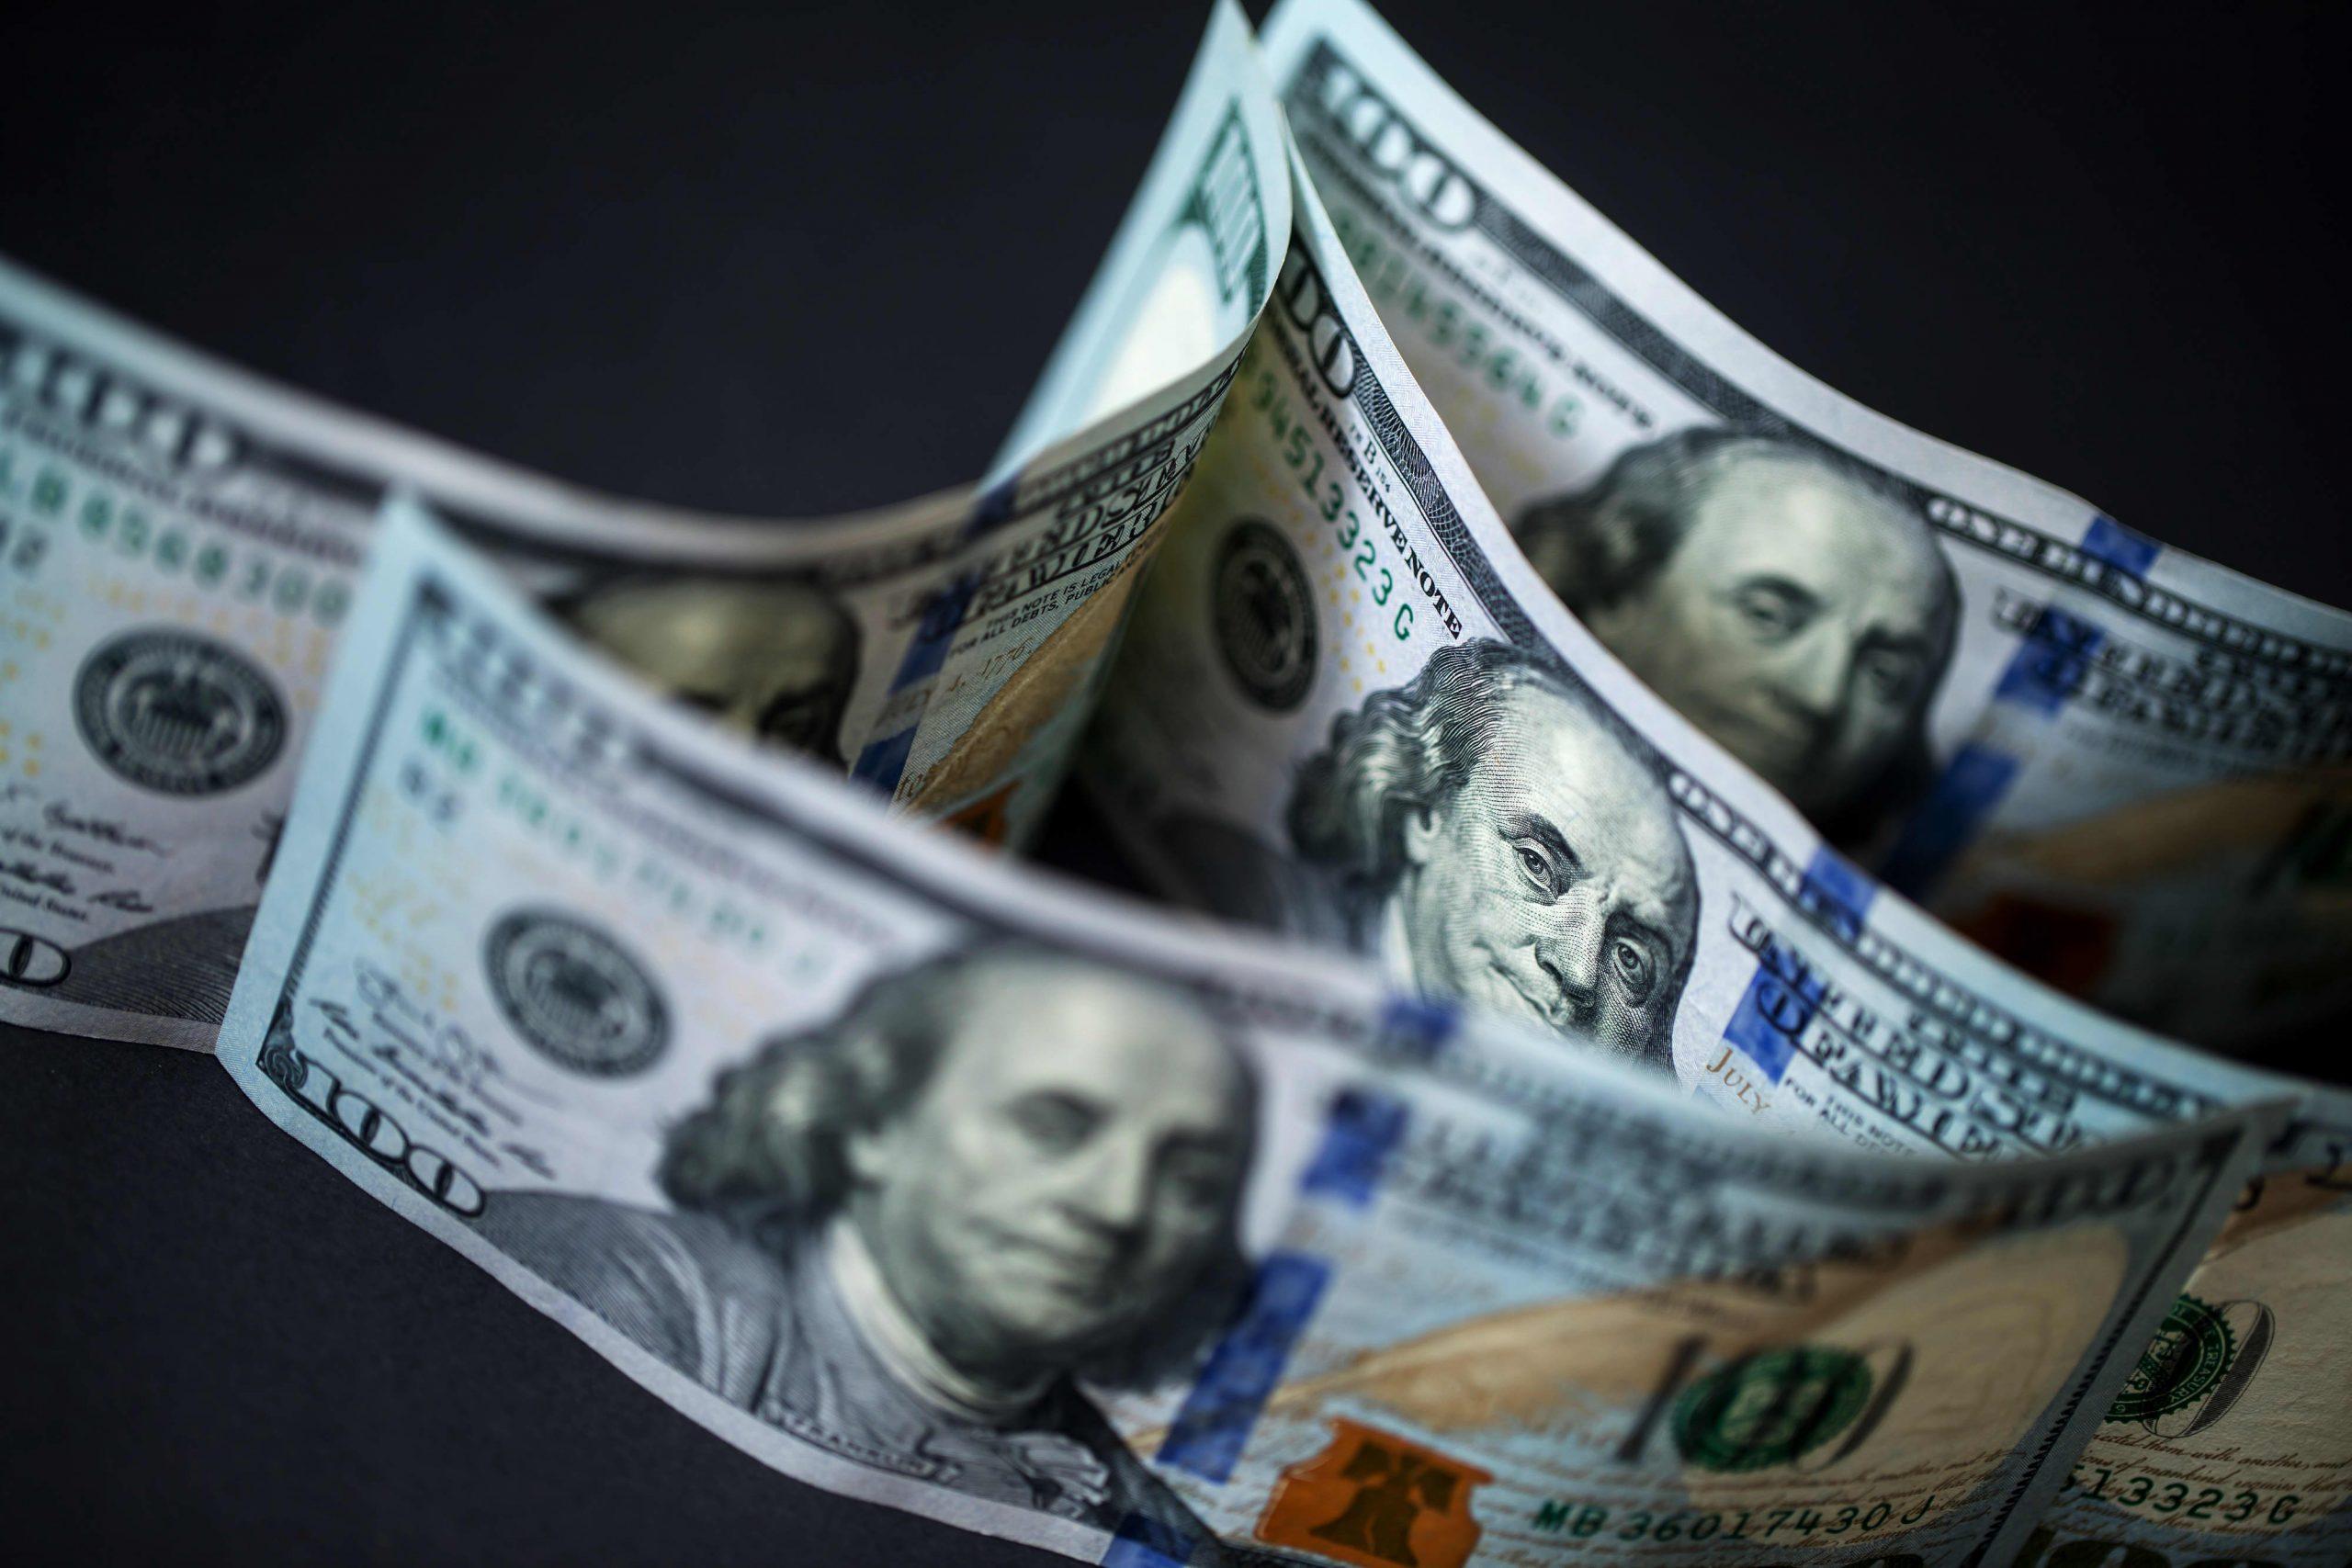 خدمة مميزة.. «مصر فايف» ينشر سعر الدولار اليوم في البنوك المصرية بتحديث مستمر على مدار الساعة